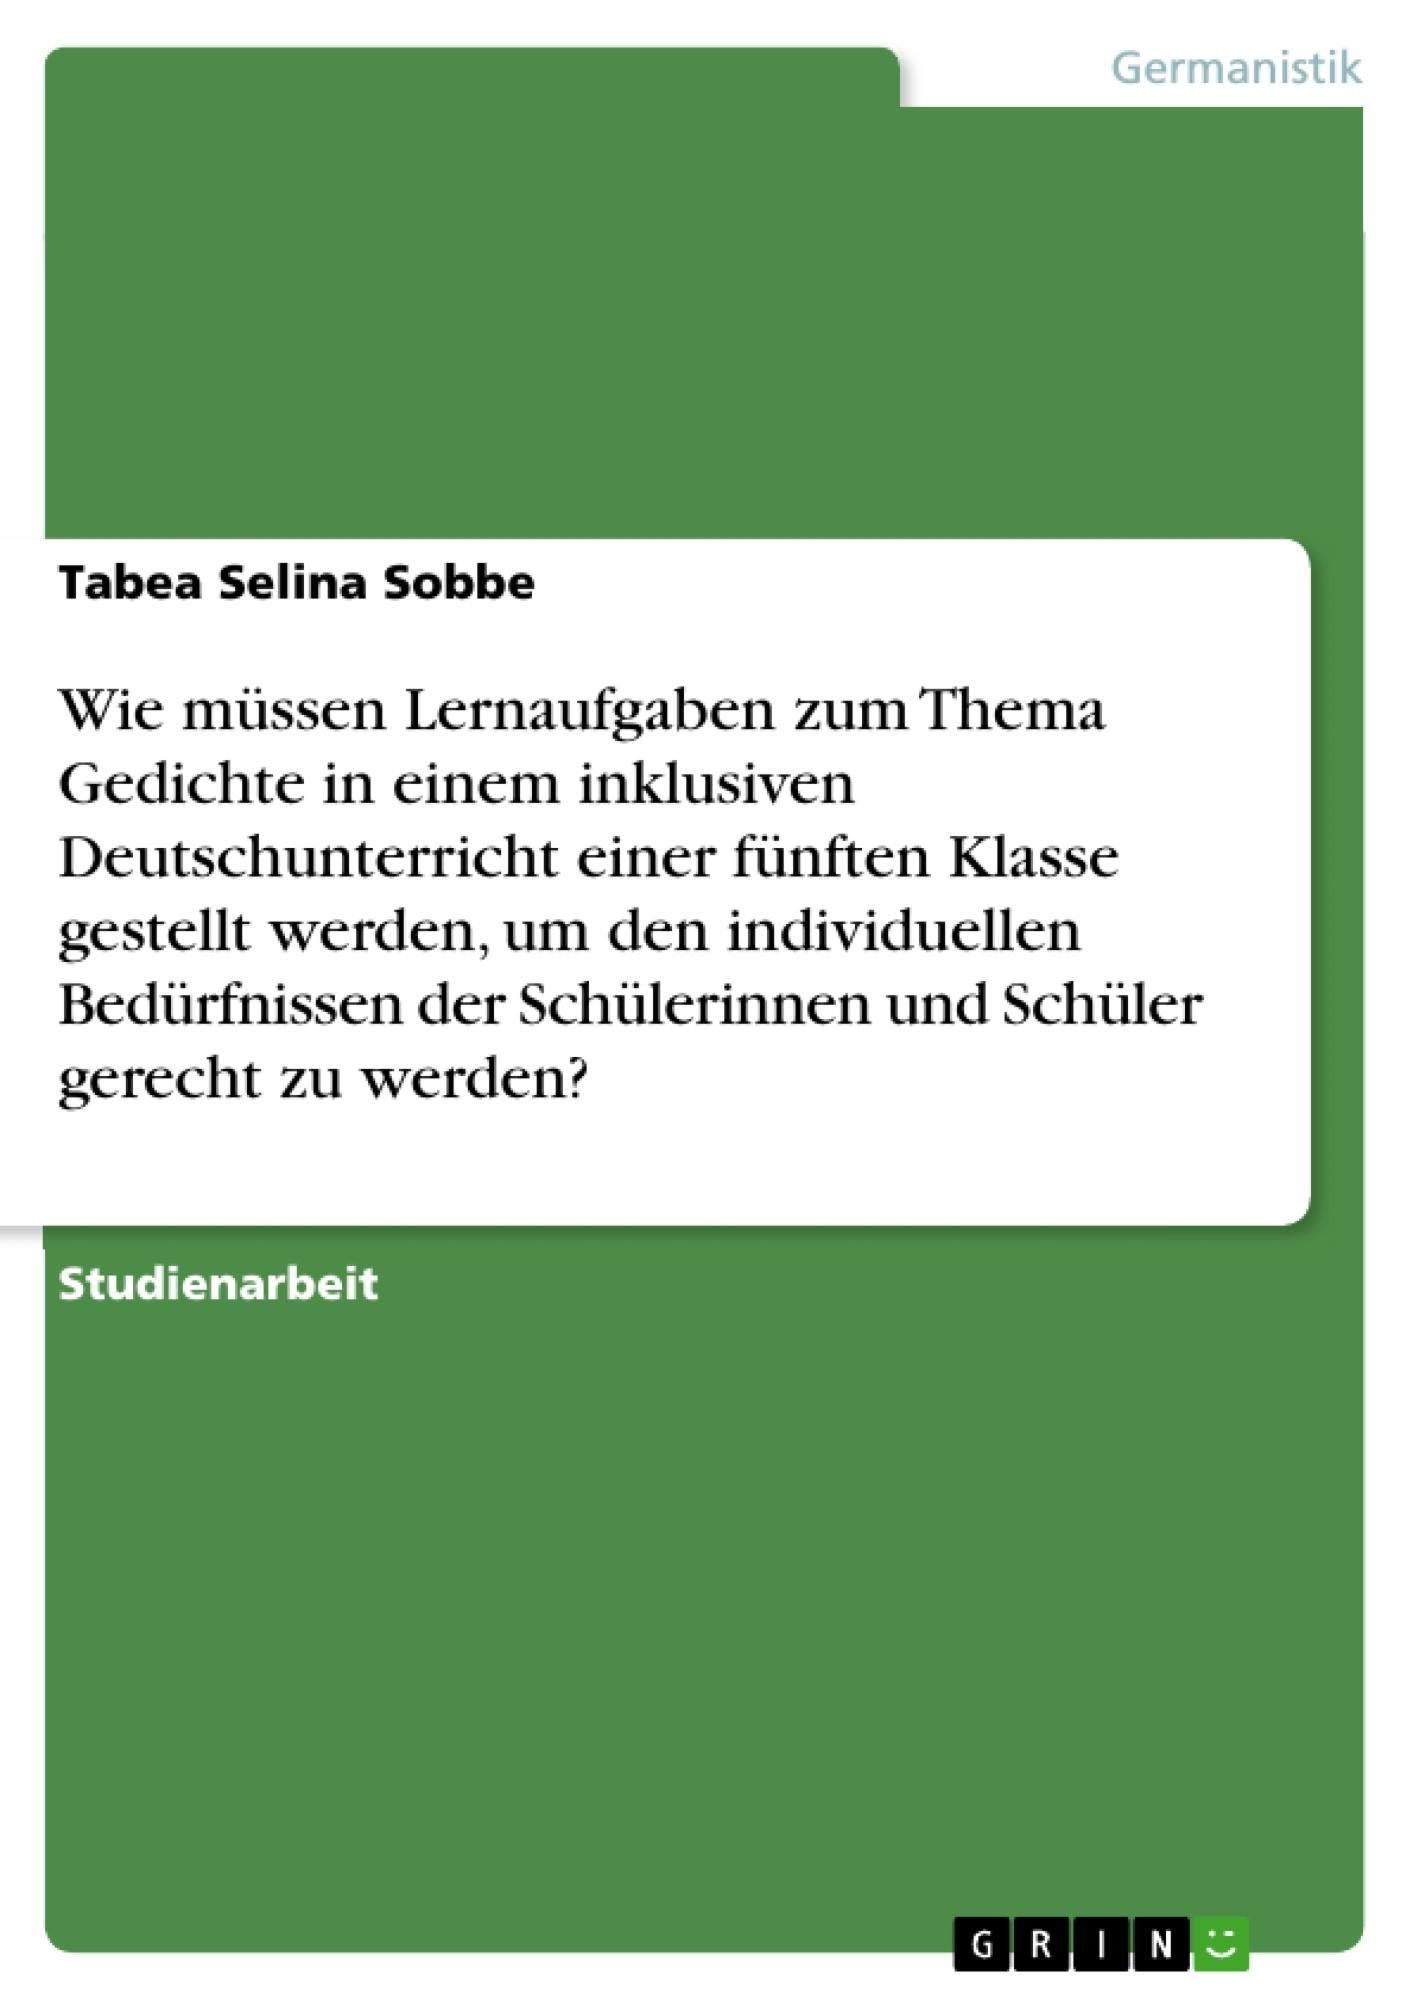 Titel: Wie müssen Lernaufgaben zum Thema Gedichte in einem inklusiven Deutschunterricht einer fünften Klasse gestellt werden, um den individuellen Bedürfnissen der Schülerinnen und Schüler gerecht zu werden?